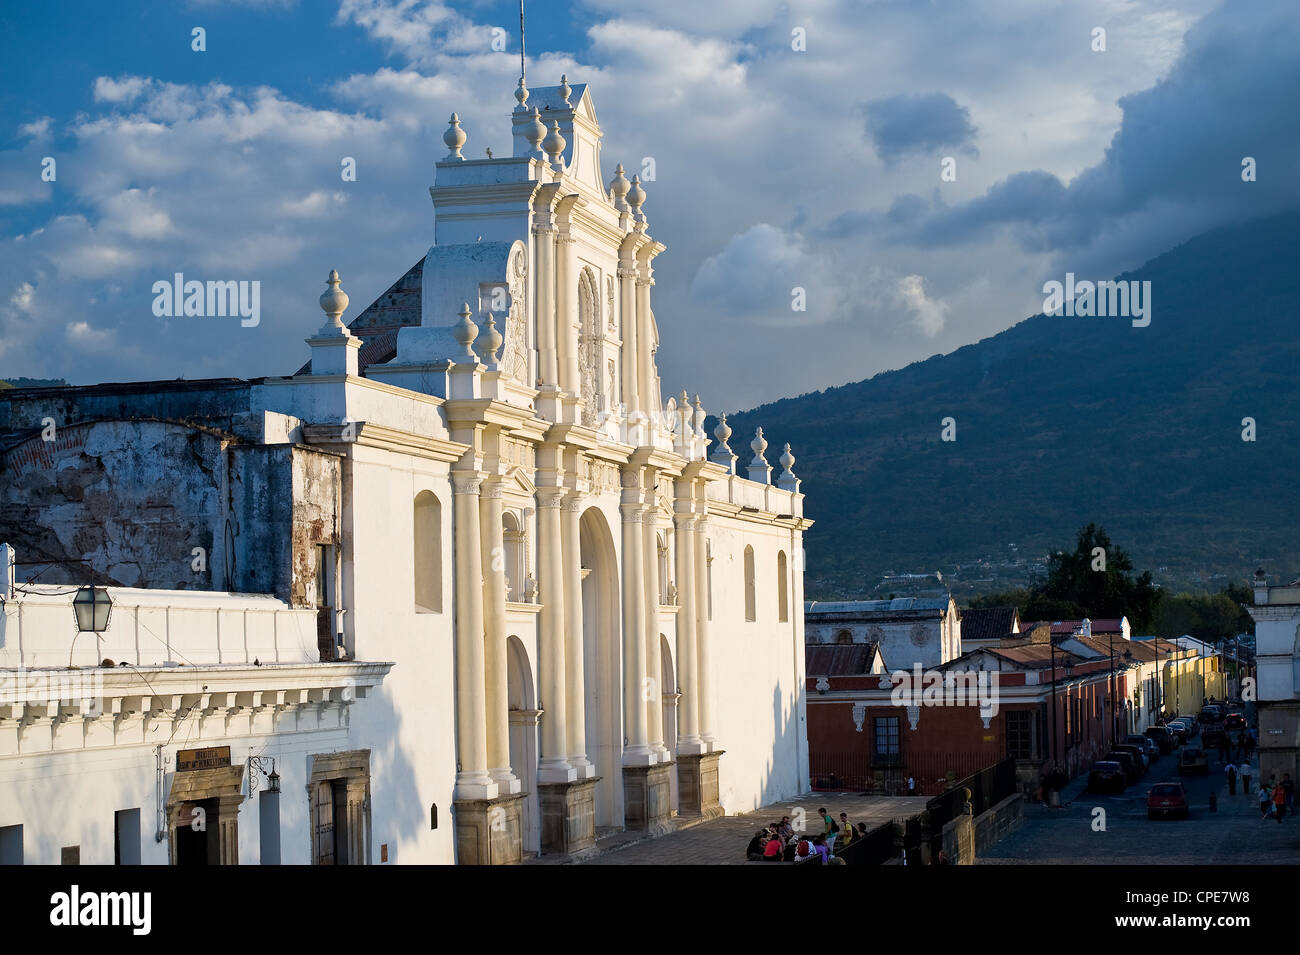 Cattedrale di San Jose, Sito Patrimonio Mondiale dell'UNESCO, Antigua, Guatemala, America Centrale Immagini Stock